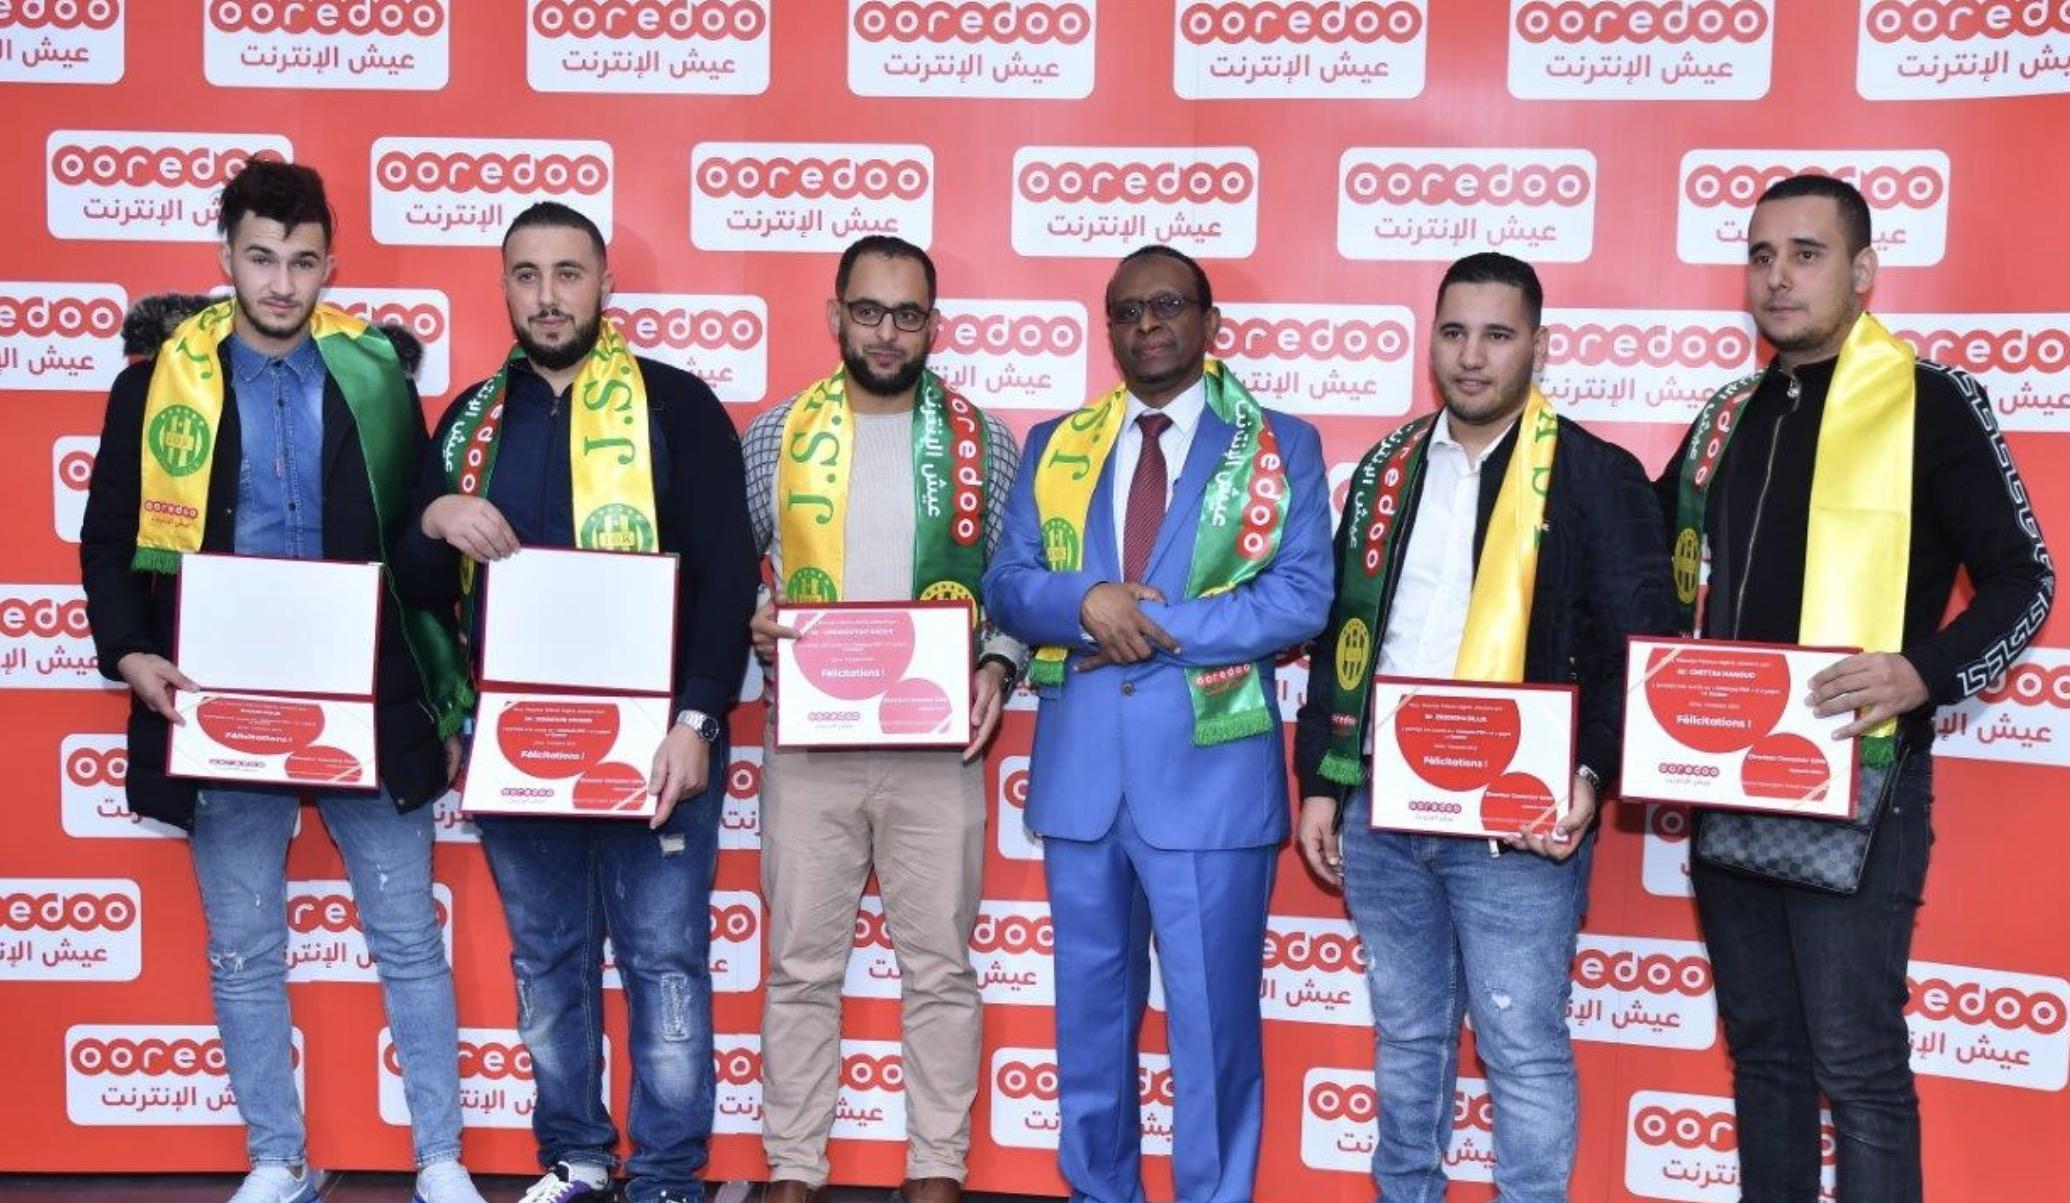 Ooredoo récompense les points de vente partenaires des wilayas de Tizi Ouzou, Boumerdes et Bouira